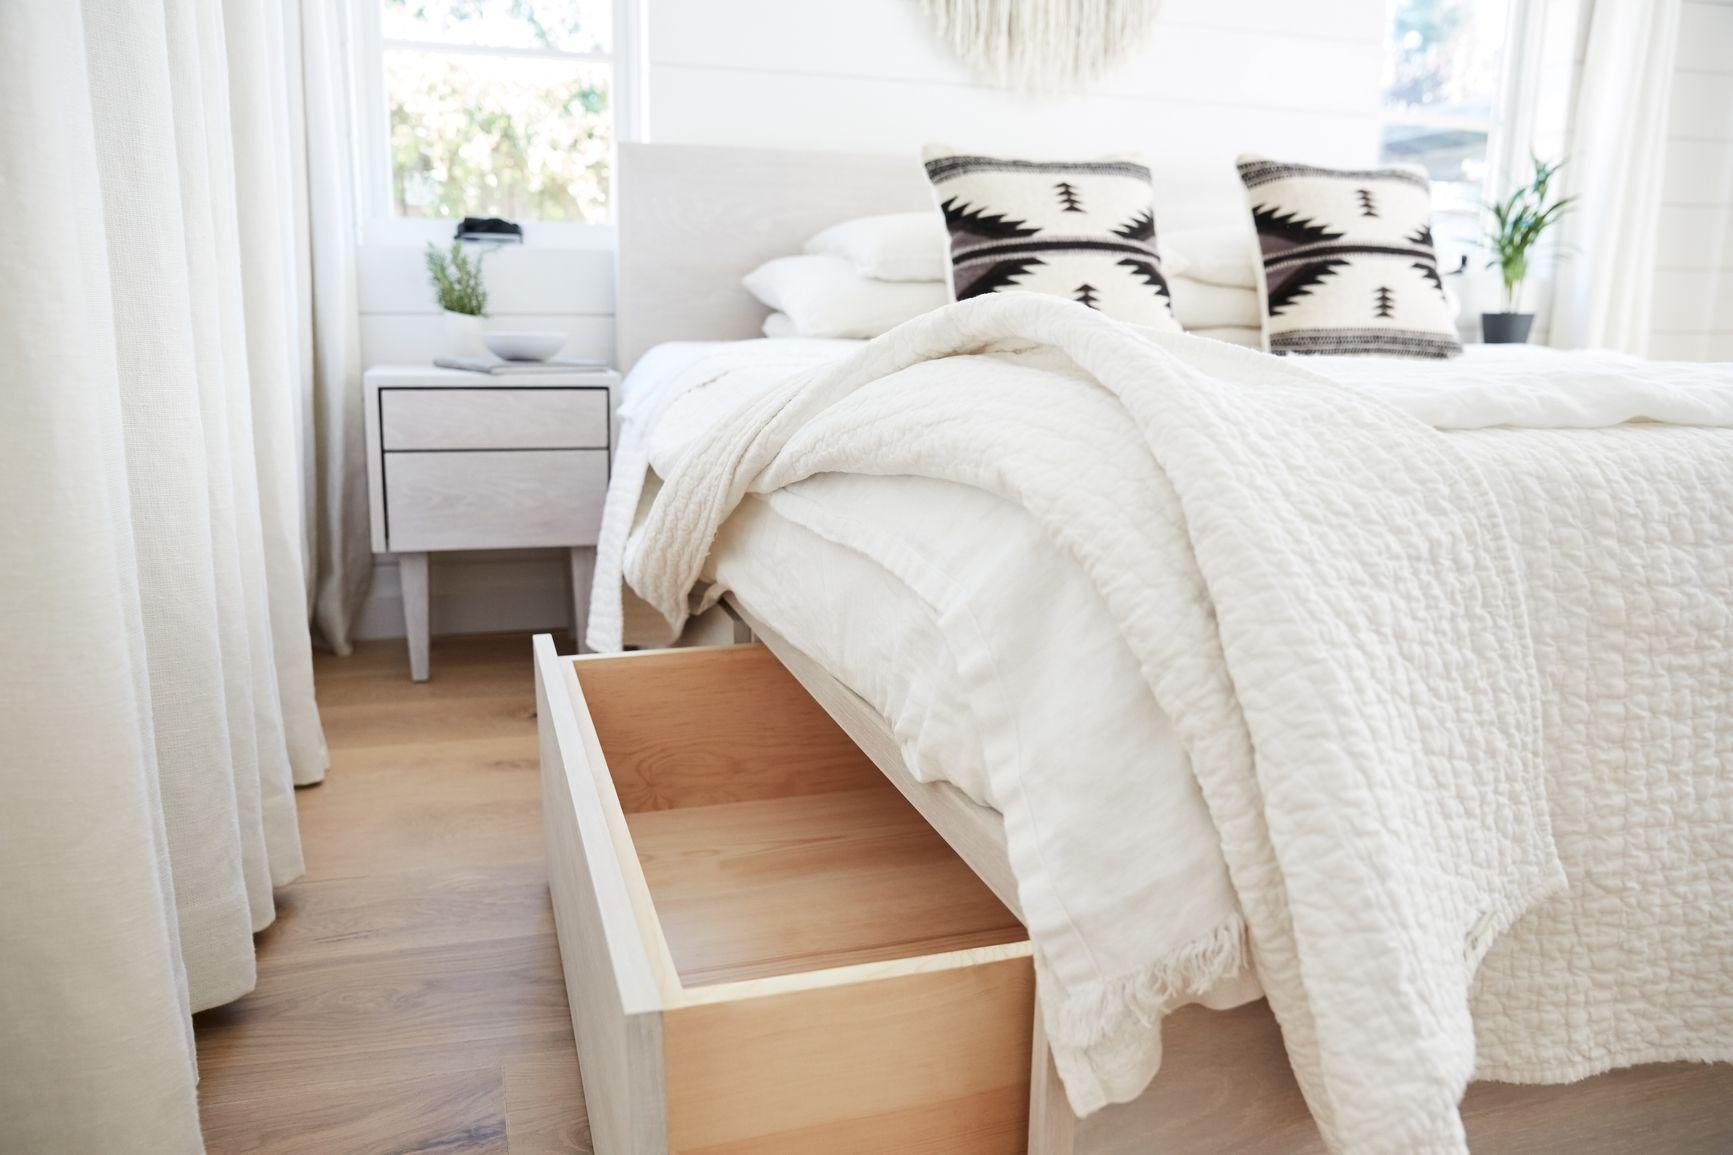 Optimiser l'espace sous le lit